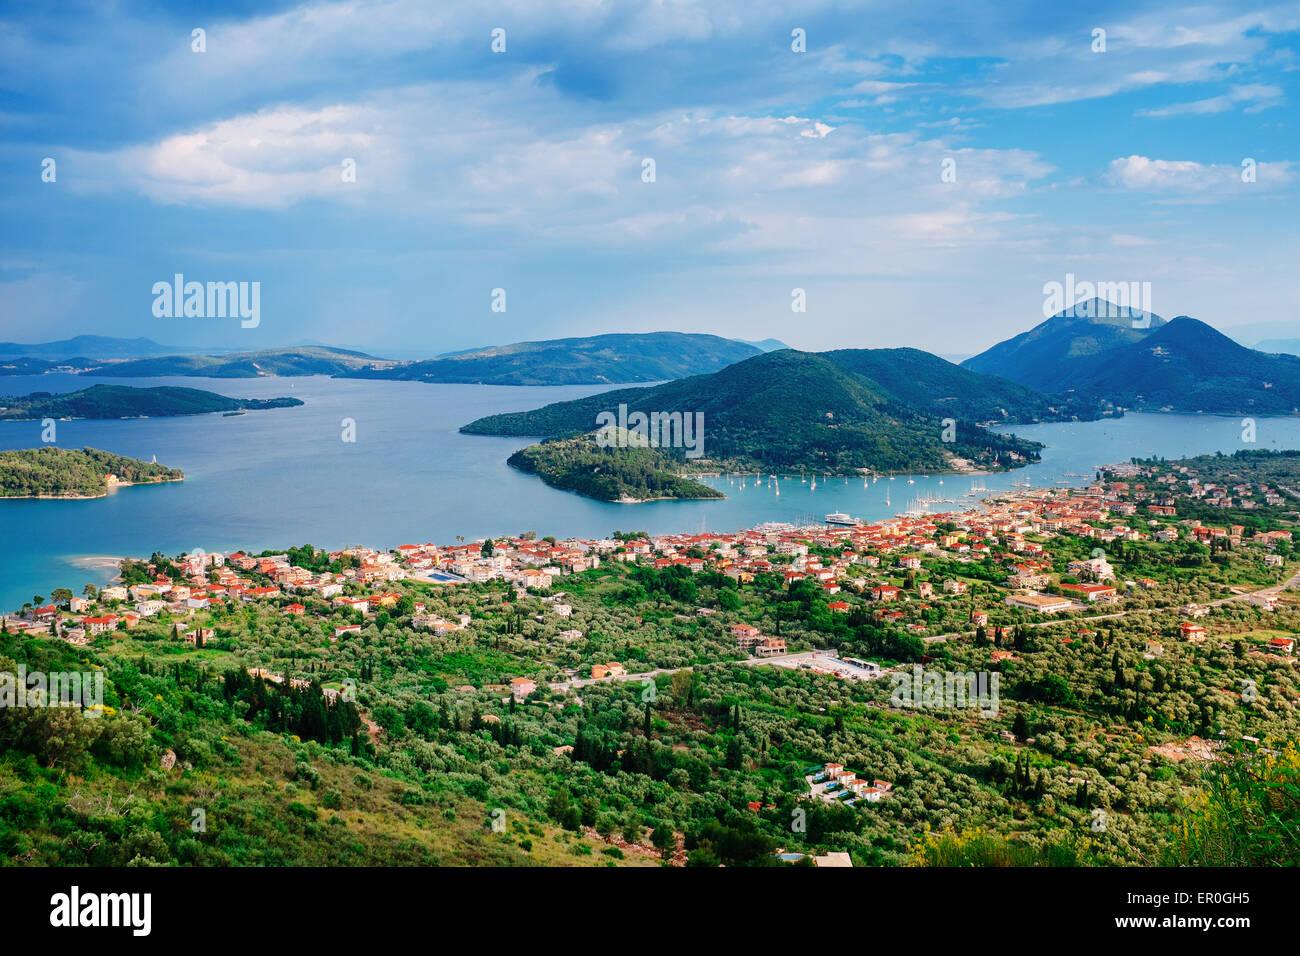 Ionian islands landscape, Lefkada Greece - Stock Image